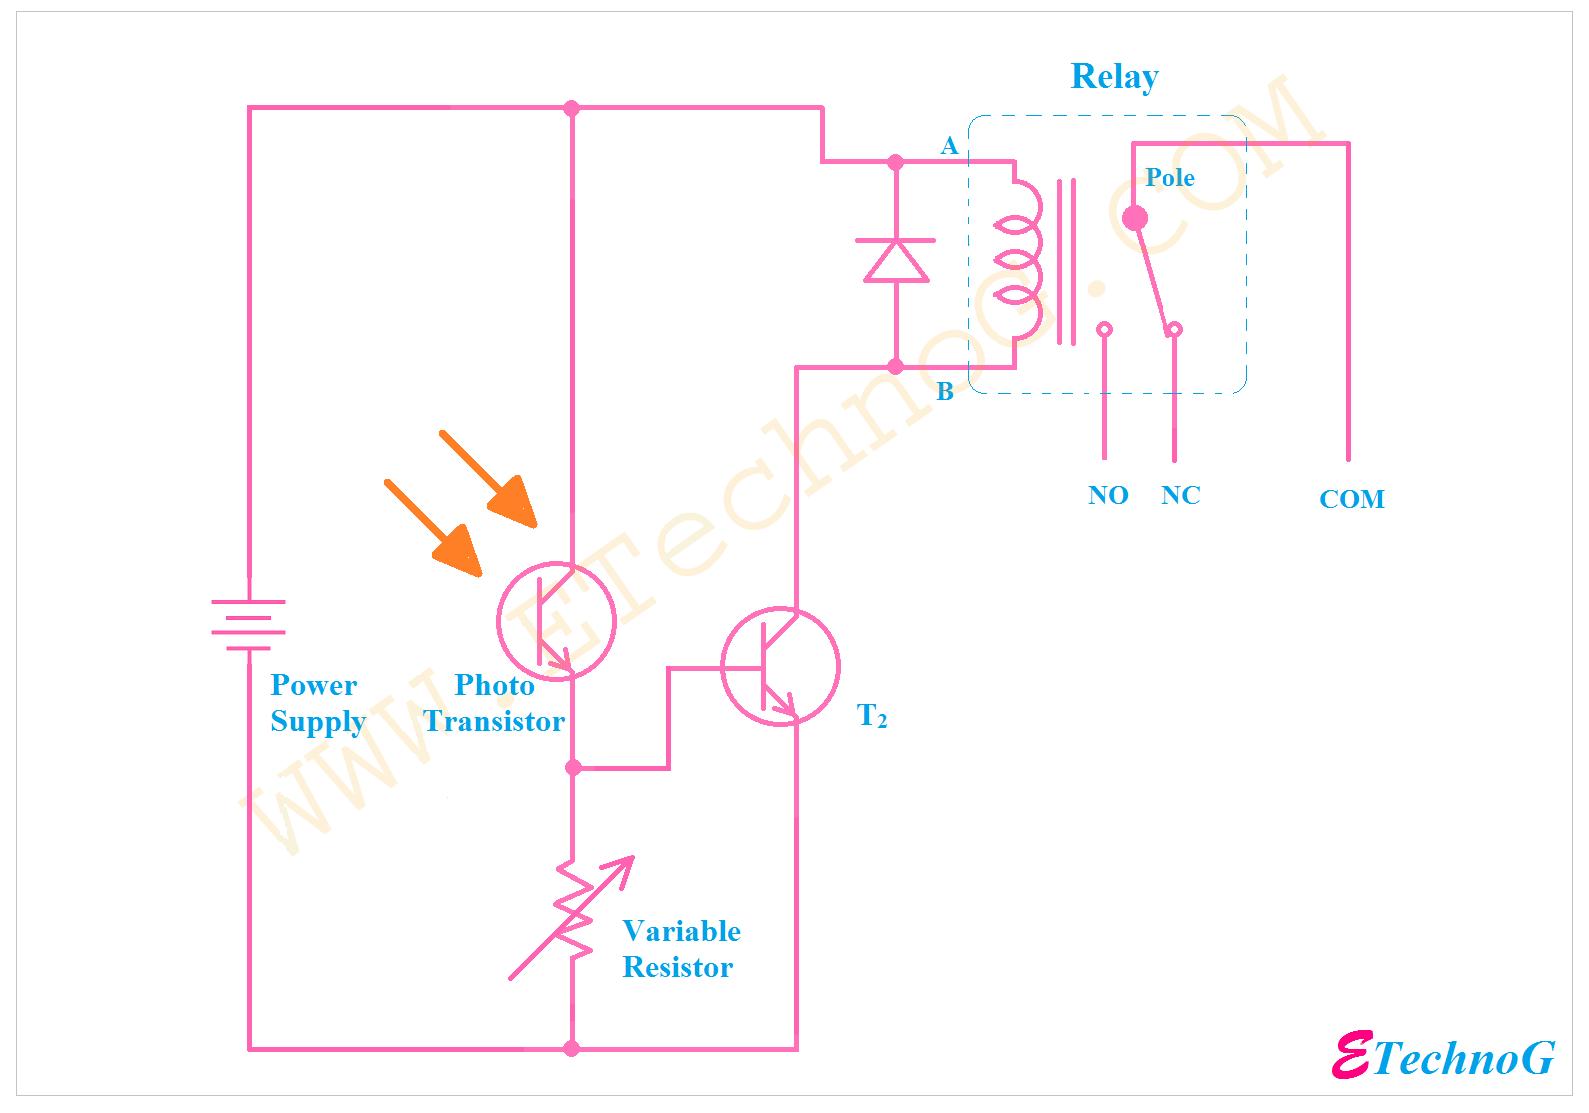 обычно фототранзистор из мышки дизайн